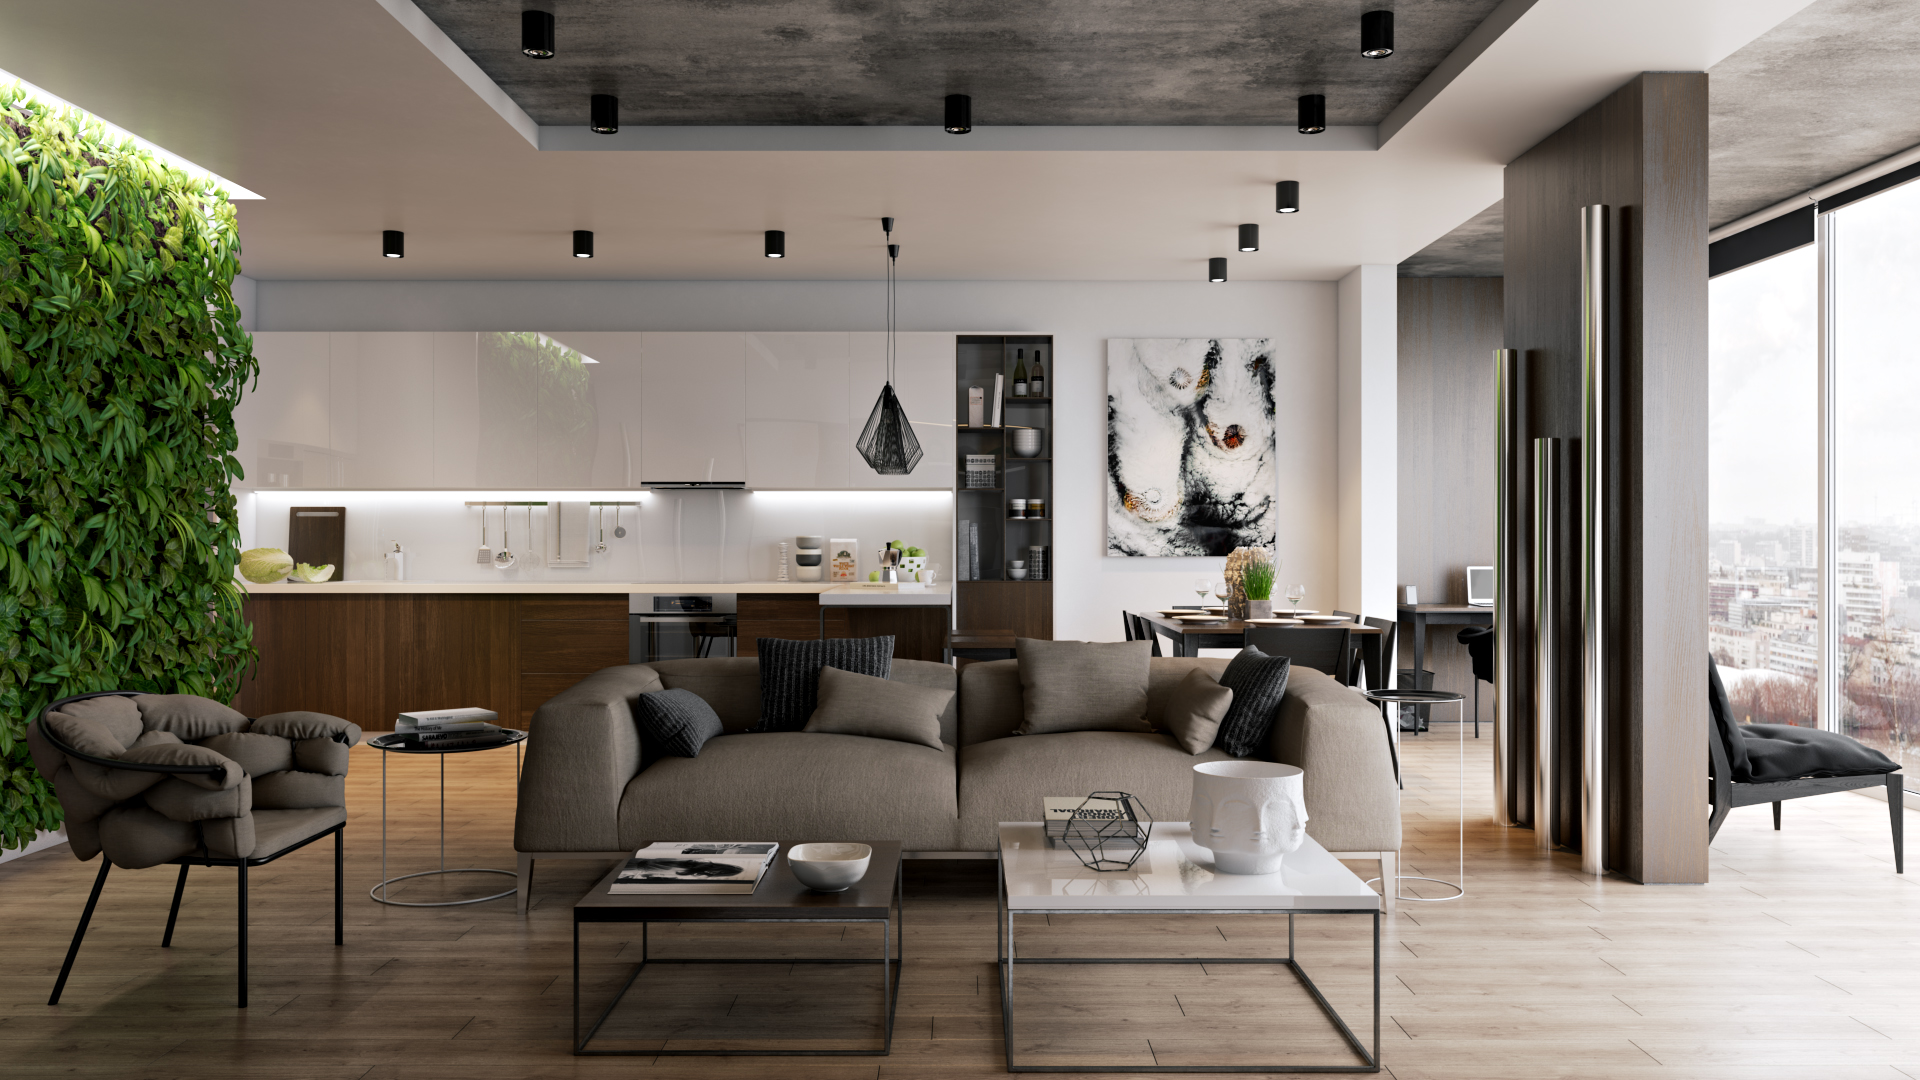 Arredare zona living: idee arredamento soggiorno moderno design